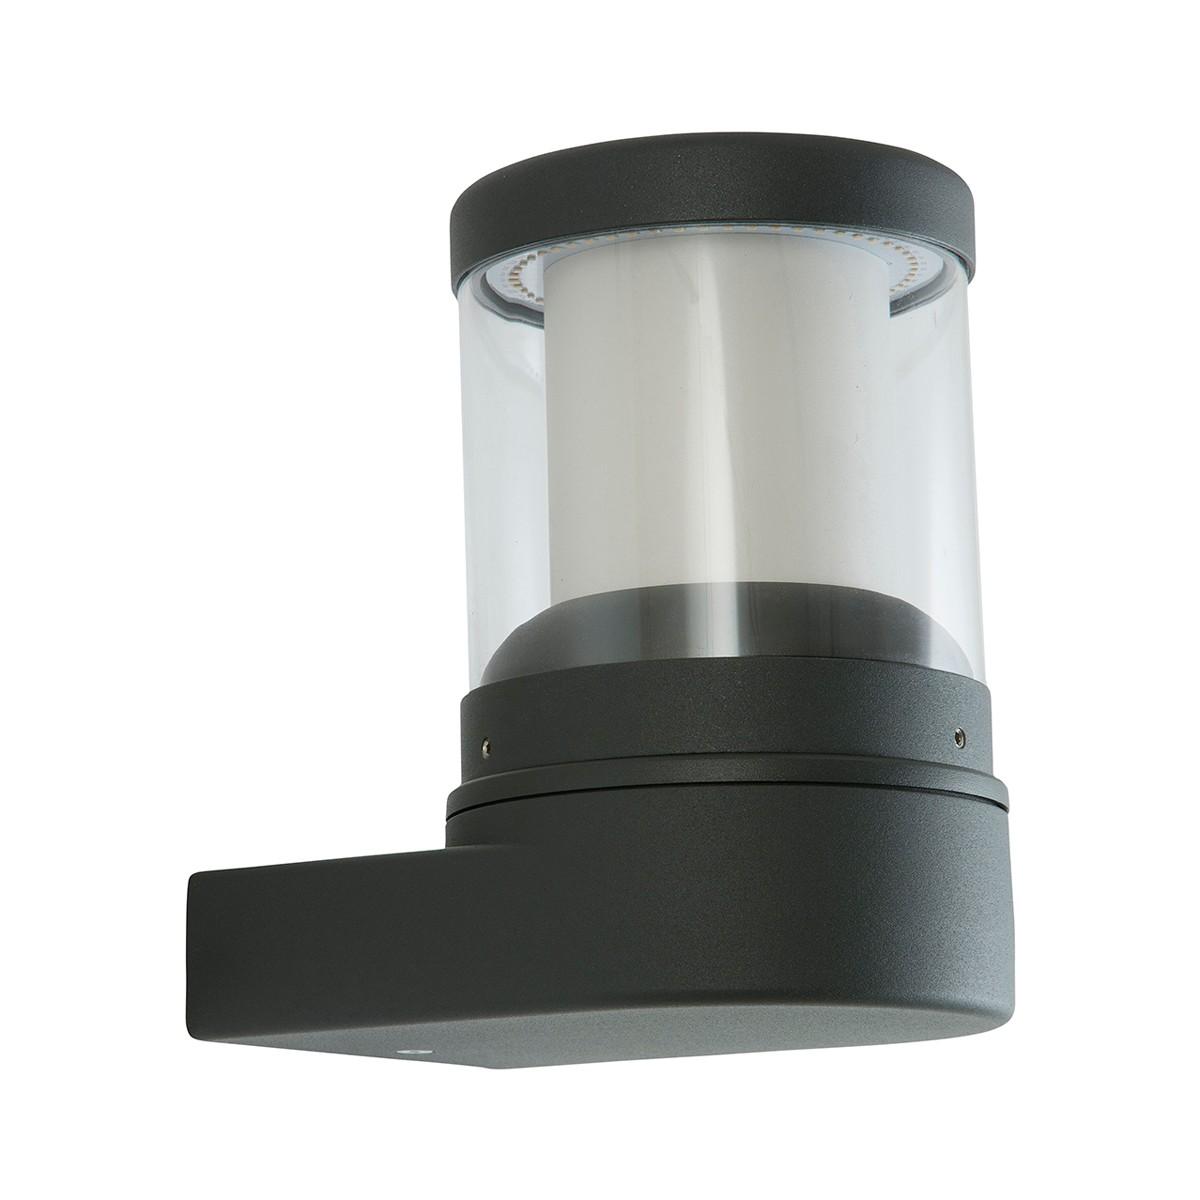 LCD Außenleuchten 1283/1293 Wandleuchte LED, graphit